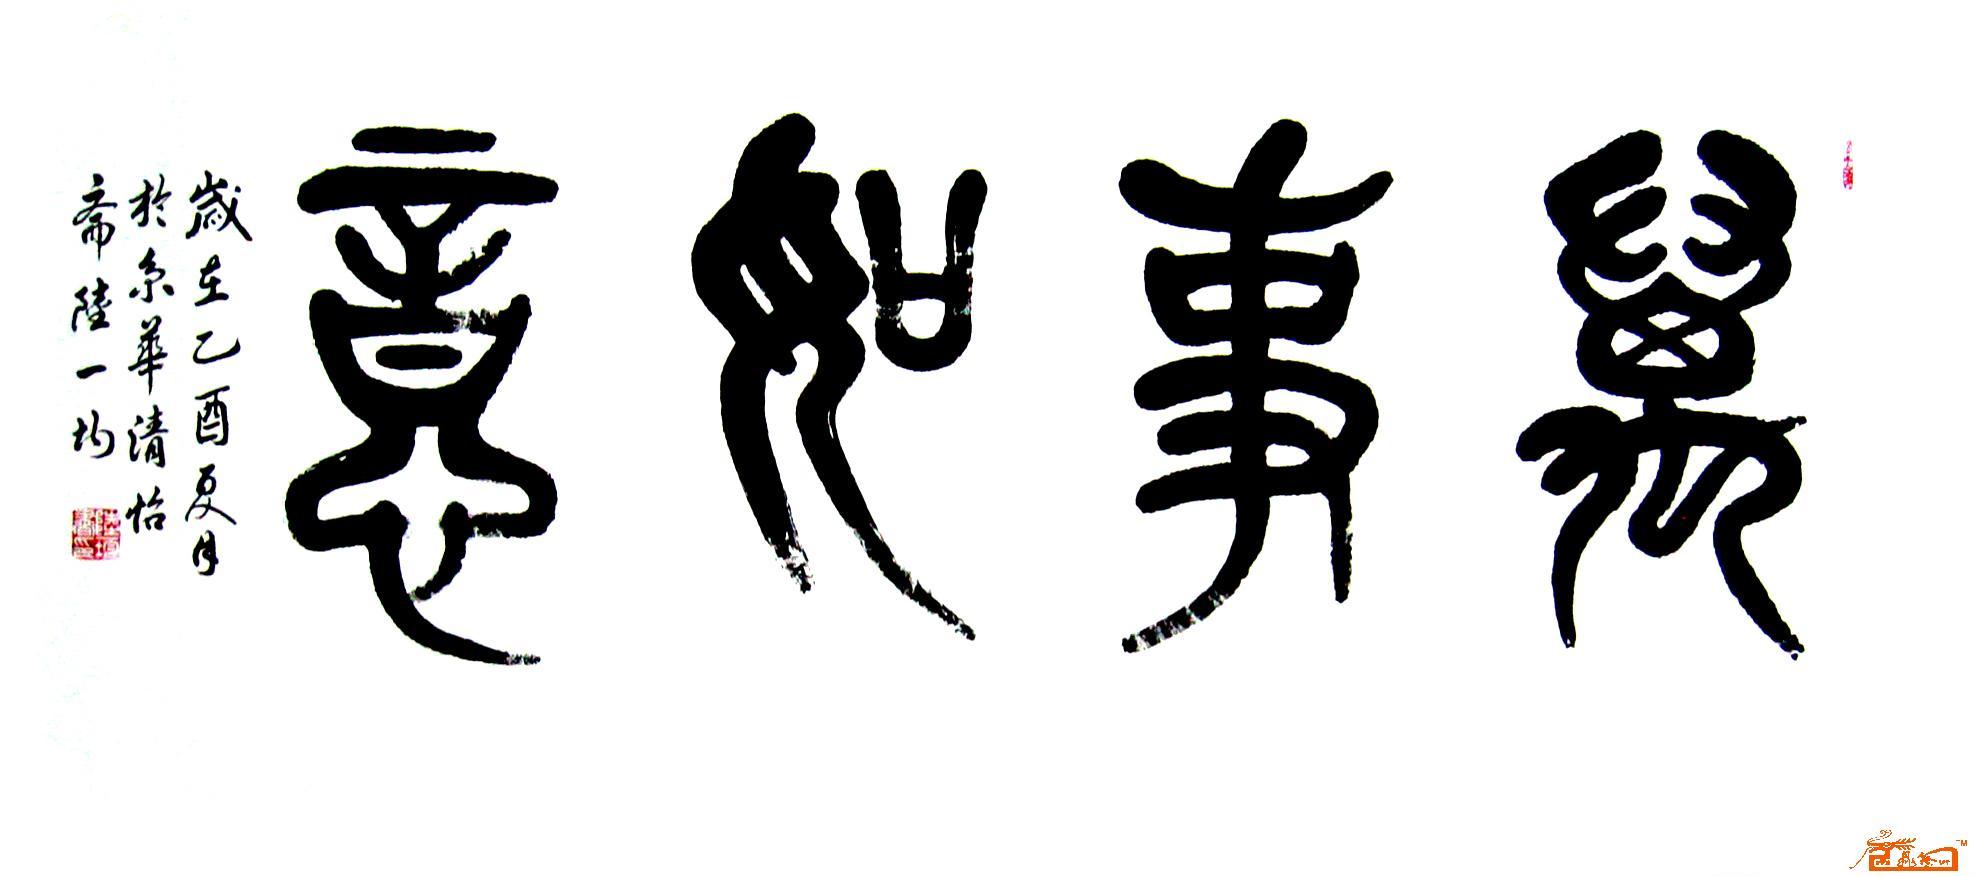 陆富(陆一均)万如意淘宝名字画书画